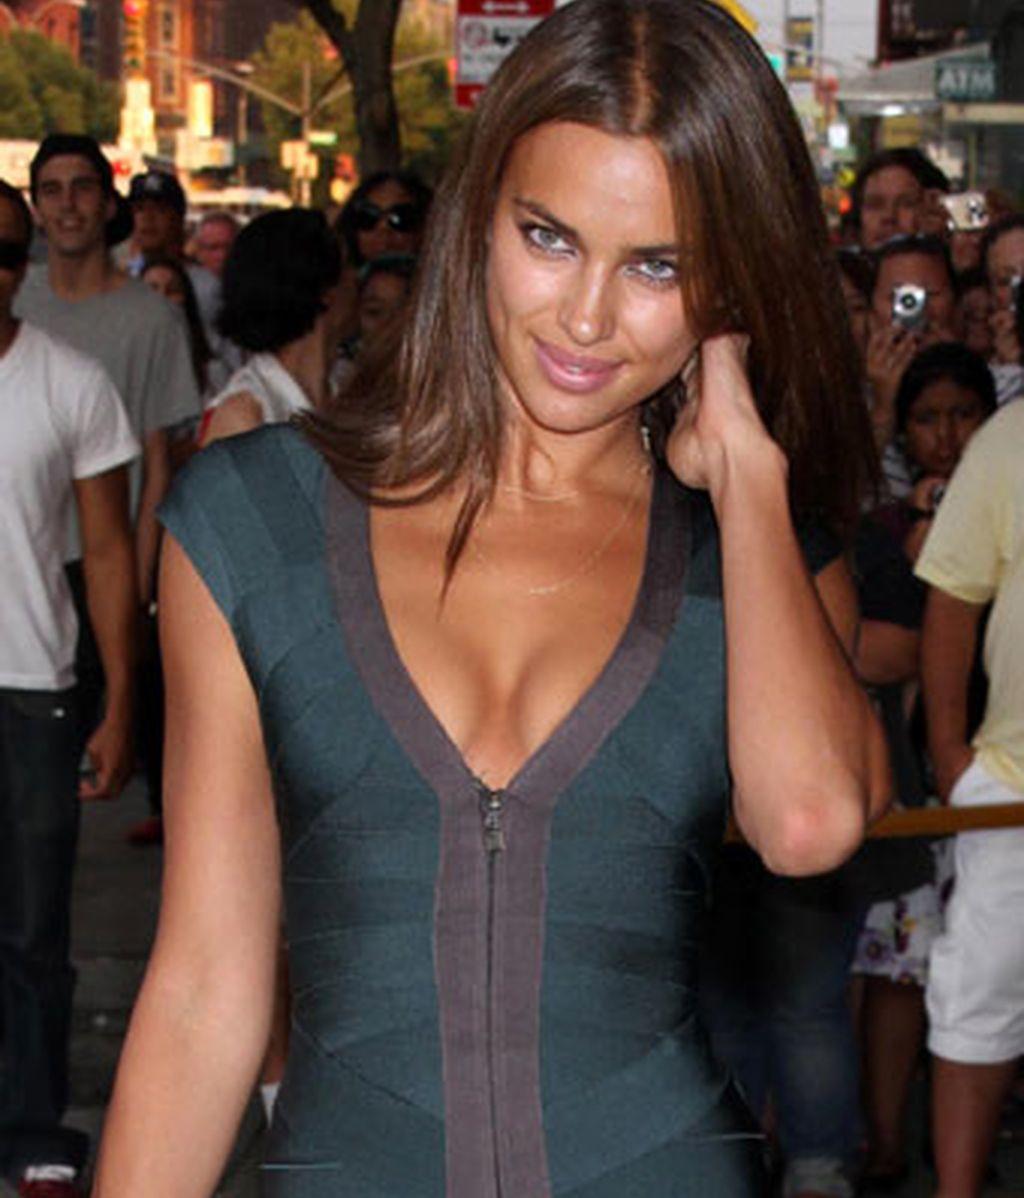 Irina, la espectacular novia de Ronaldo